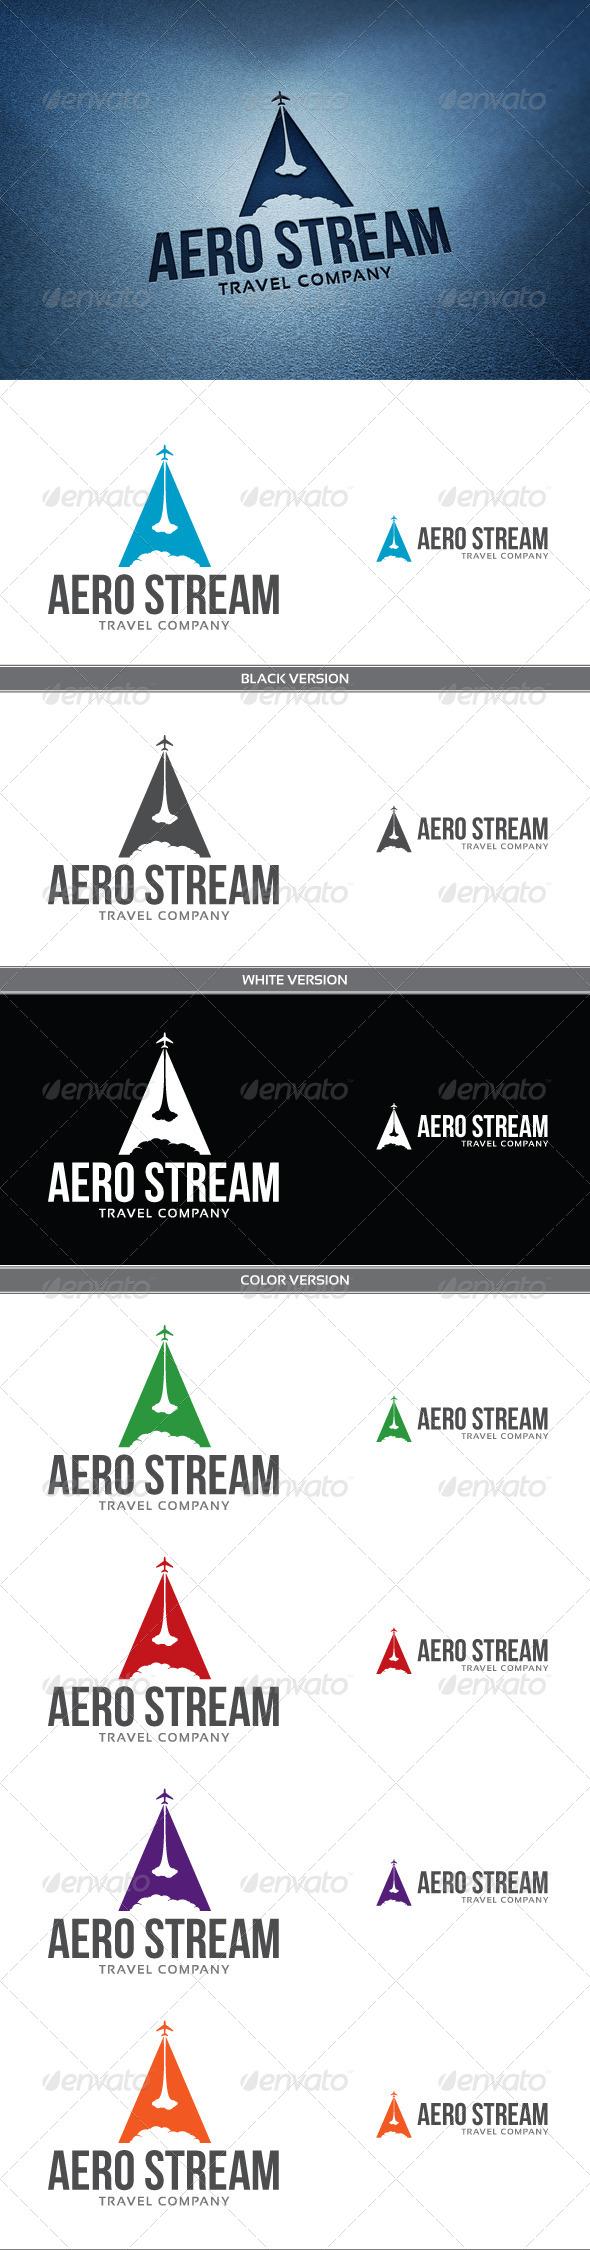 GraphicRiver Aero Stream 4125371